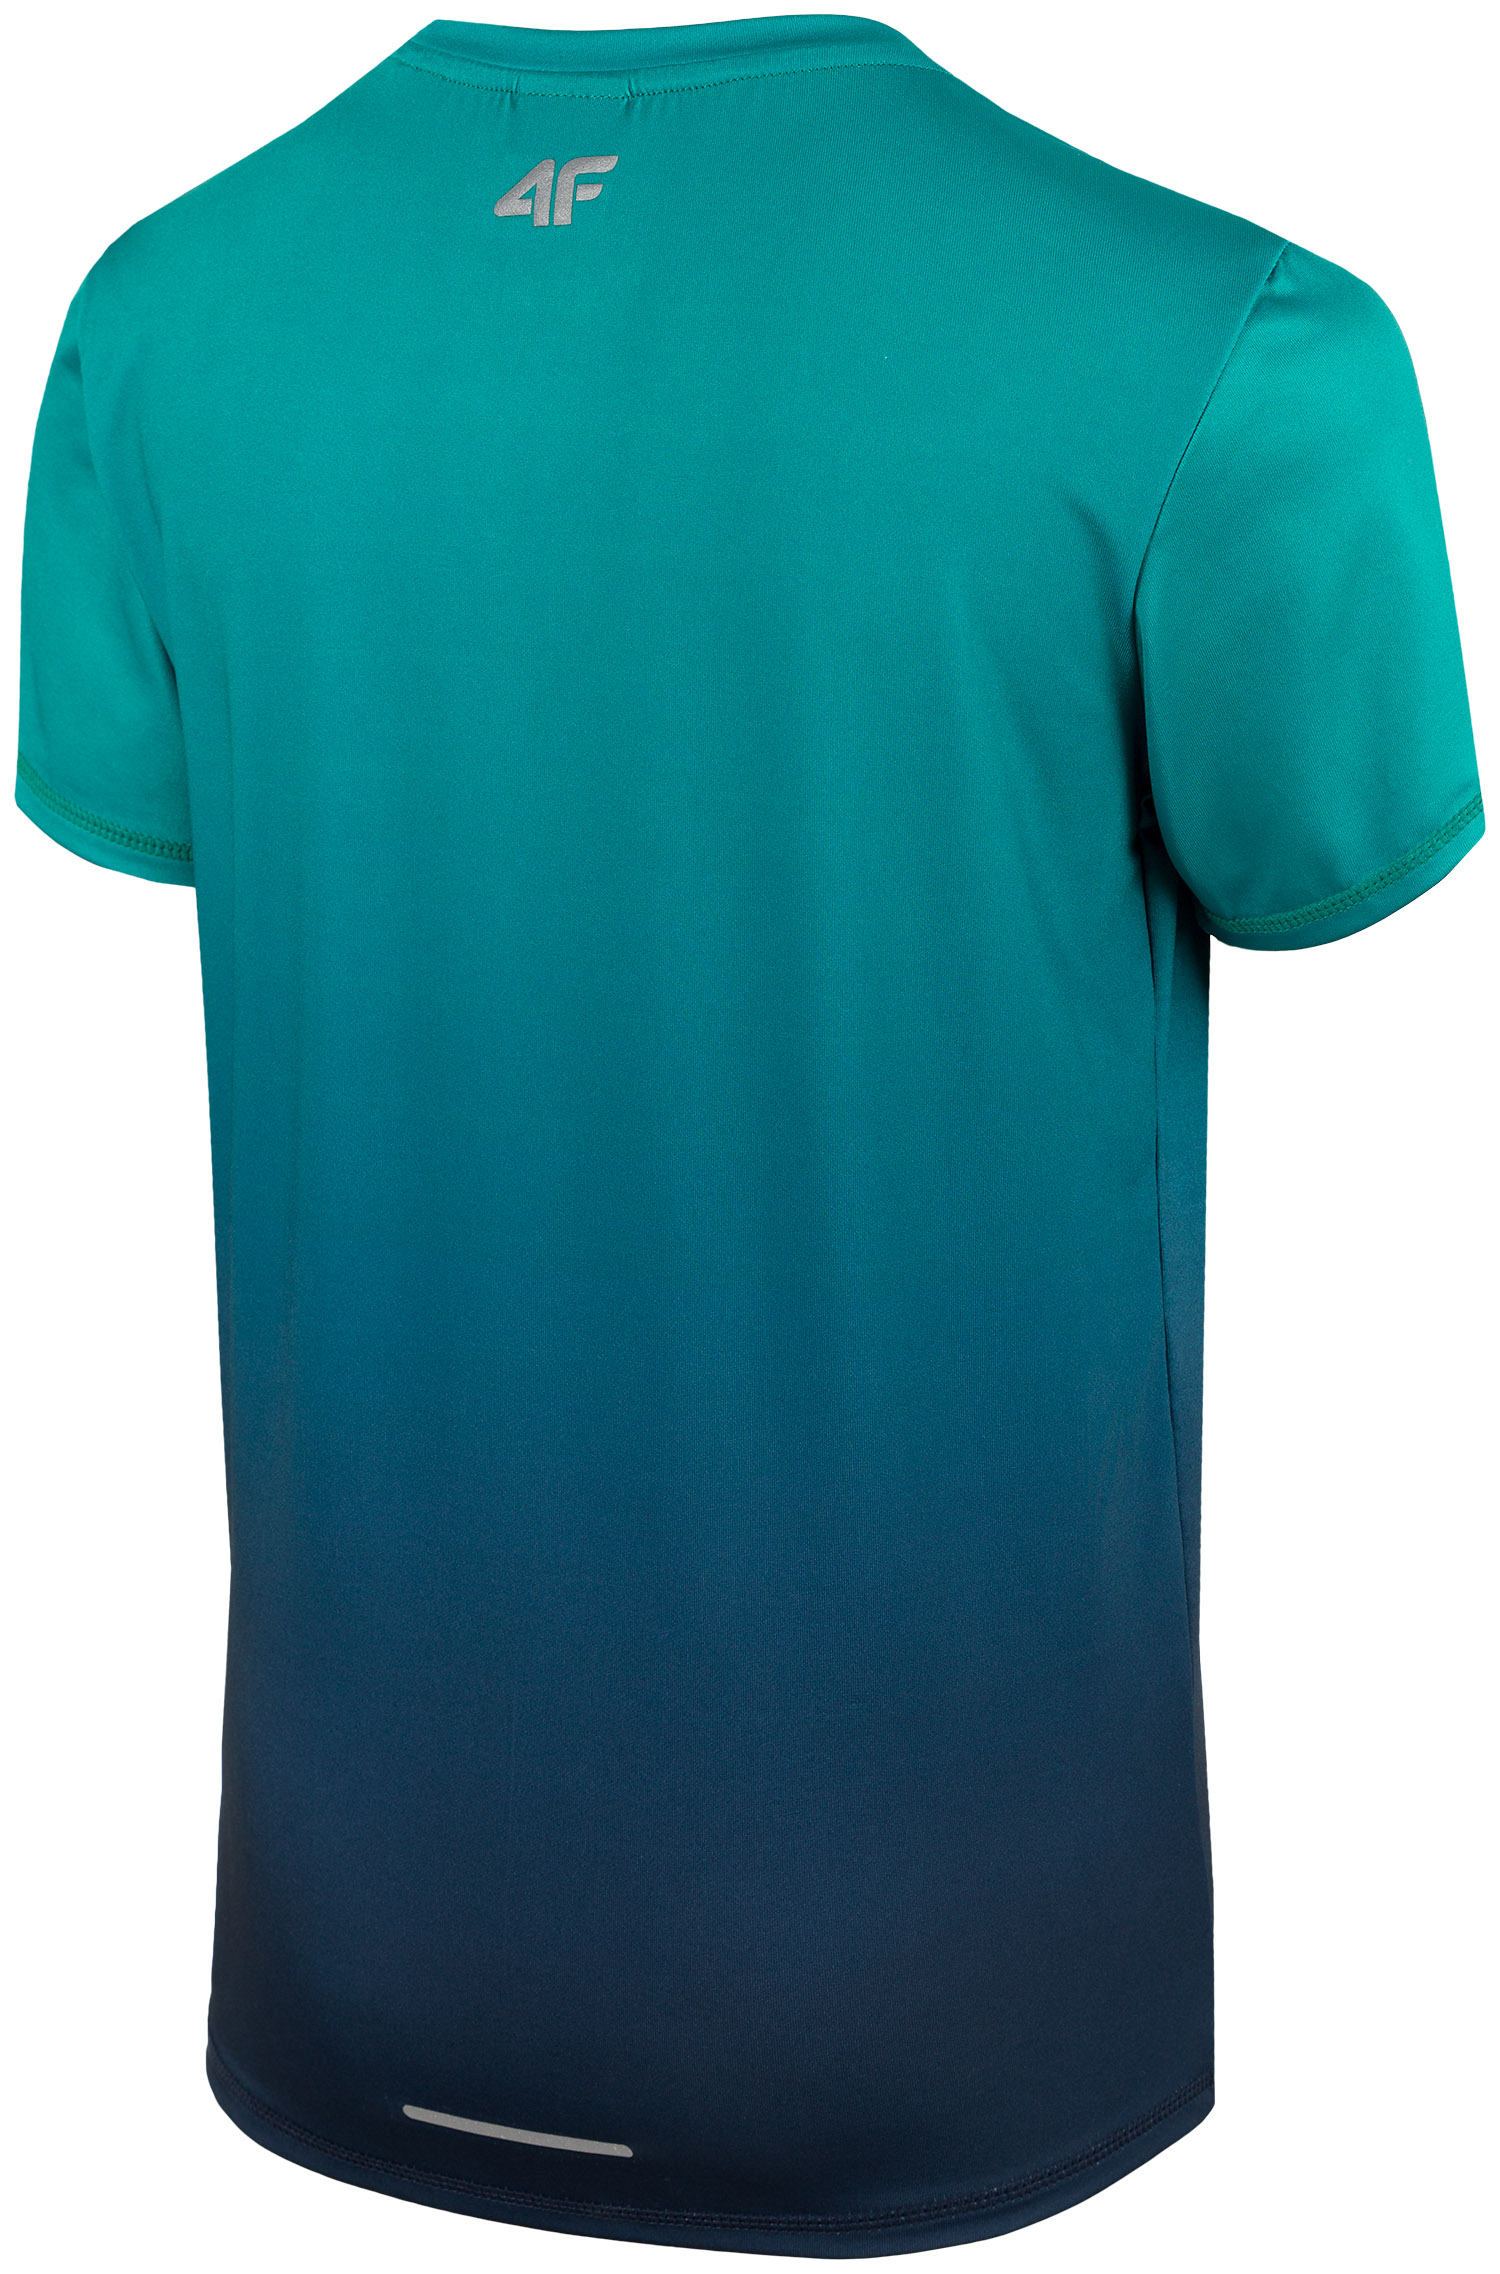 26af3054b T-shirt chłopięcy (122-164) JTSM412 - błękit turkusowy